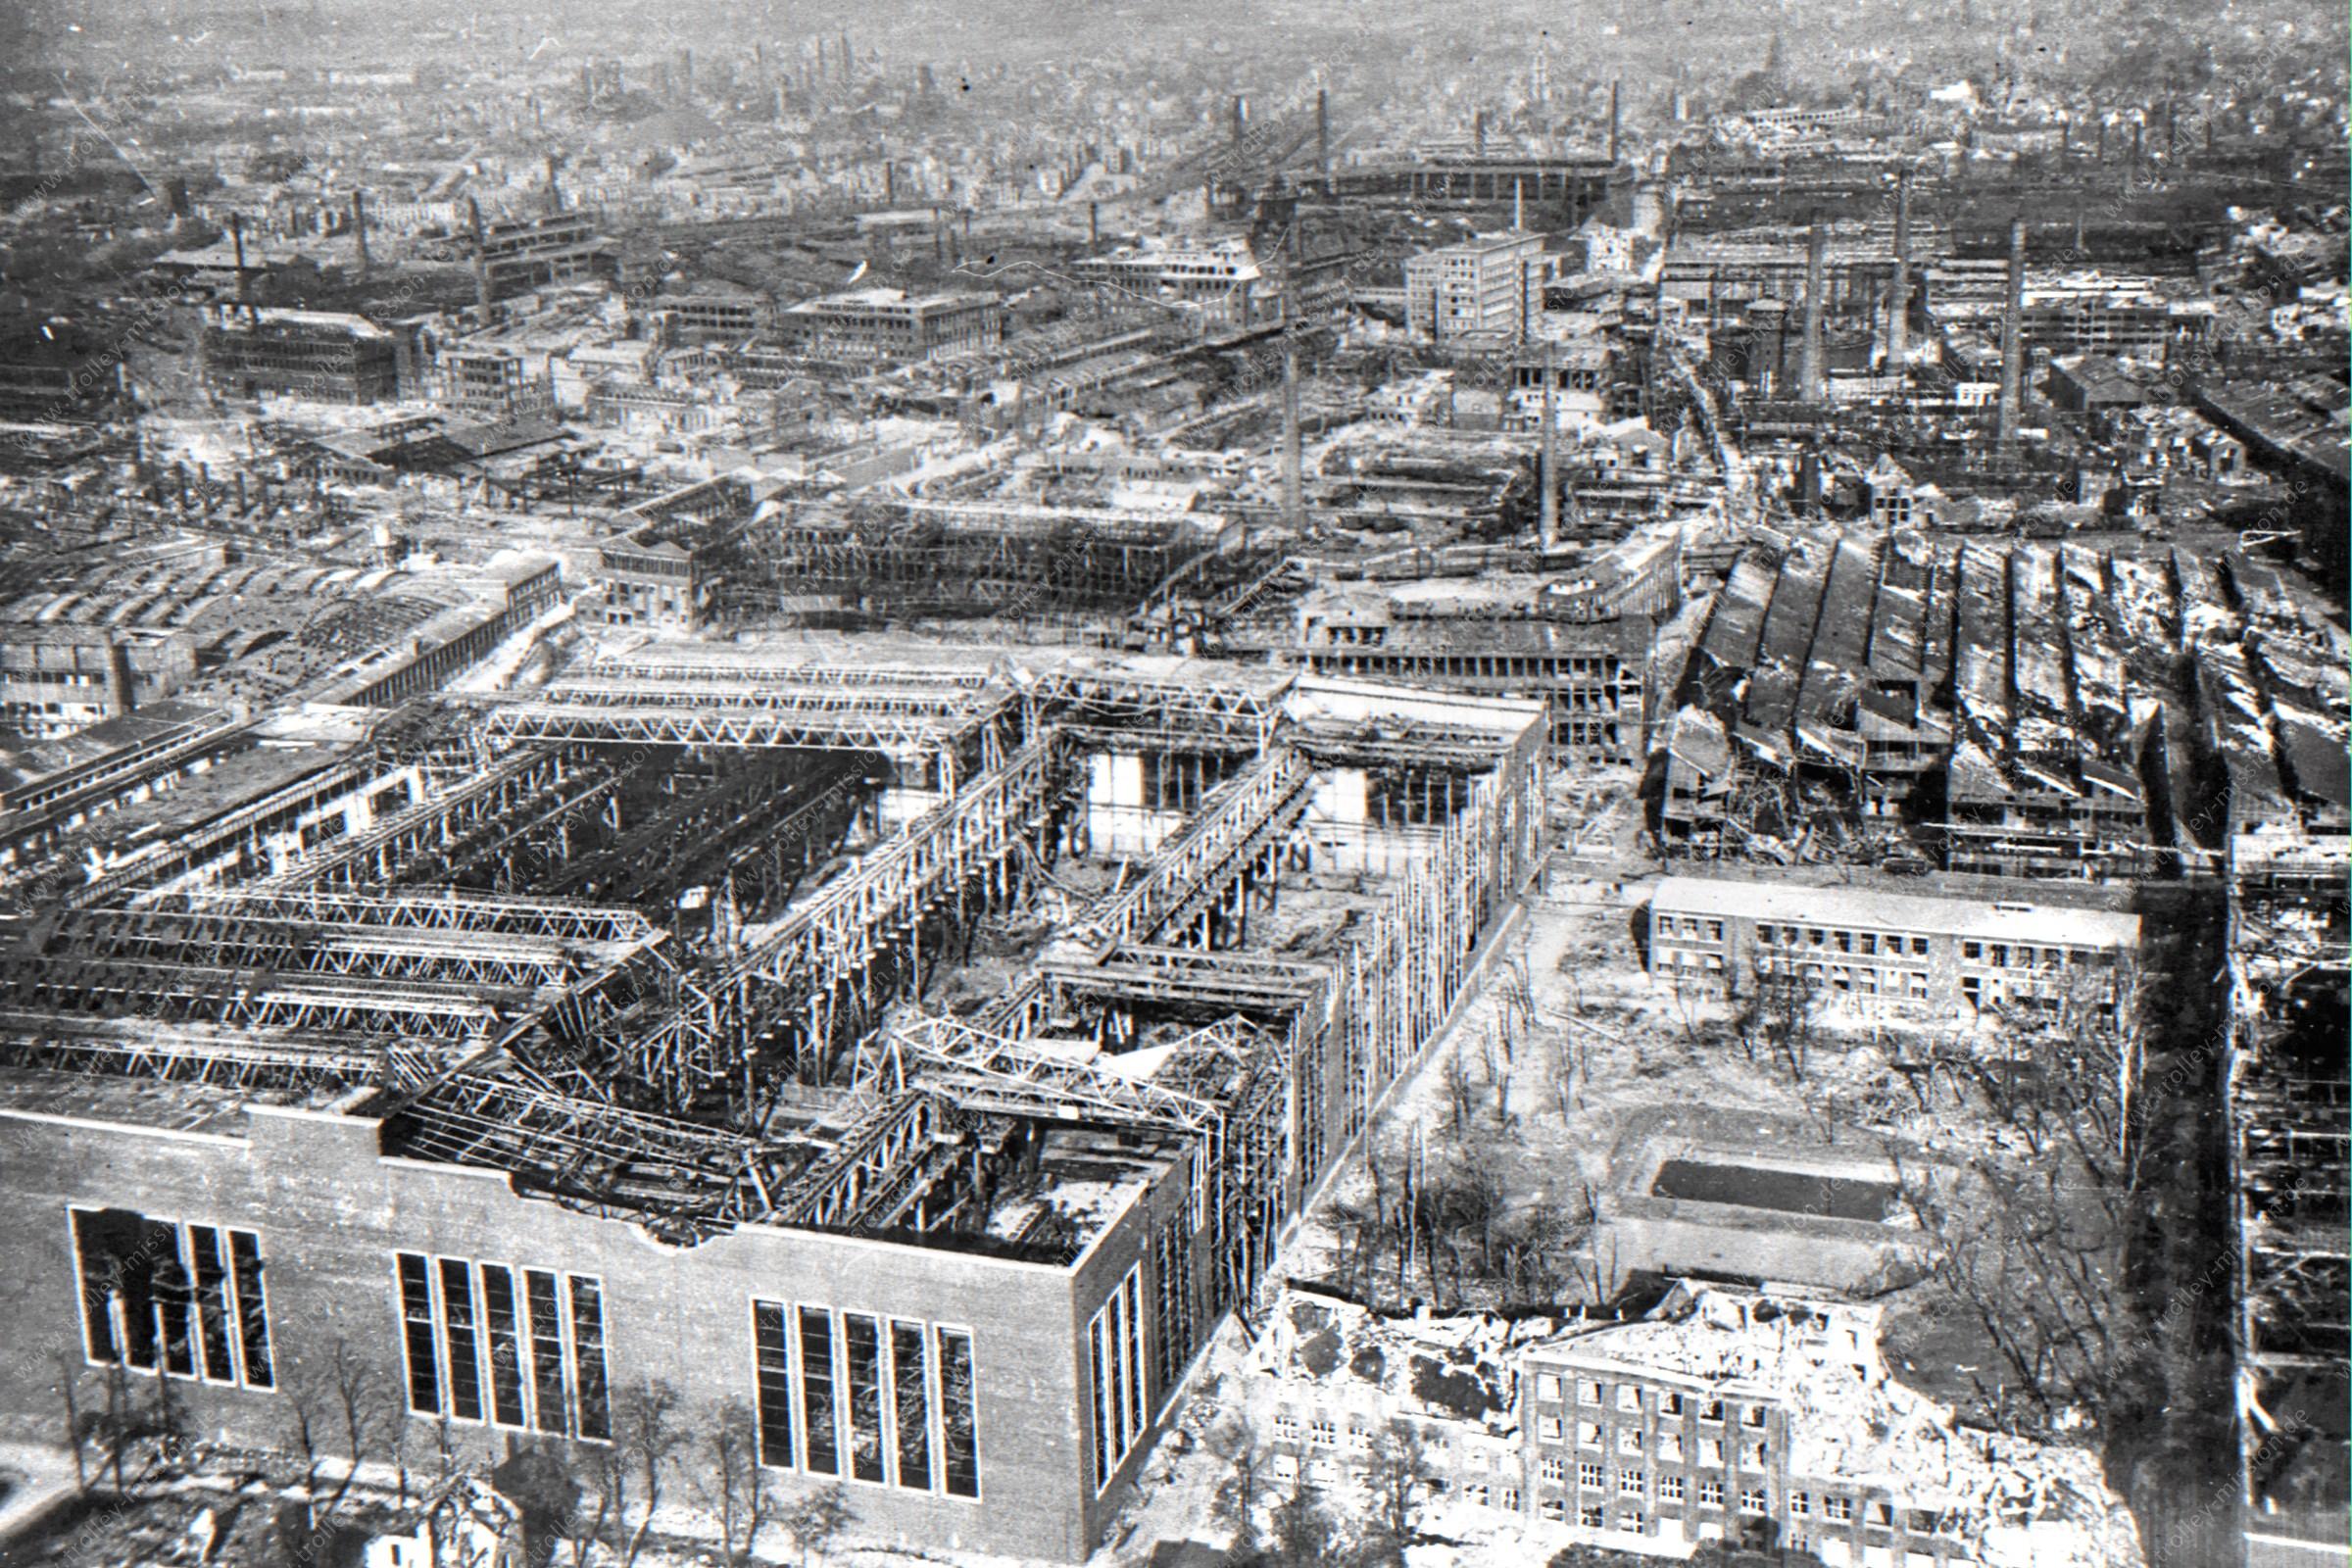 Luftbild der Ruinen des Gußstahlwerk Friedrich Krupp in Essen im Mai 1945 an der Haedenkampstraße